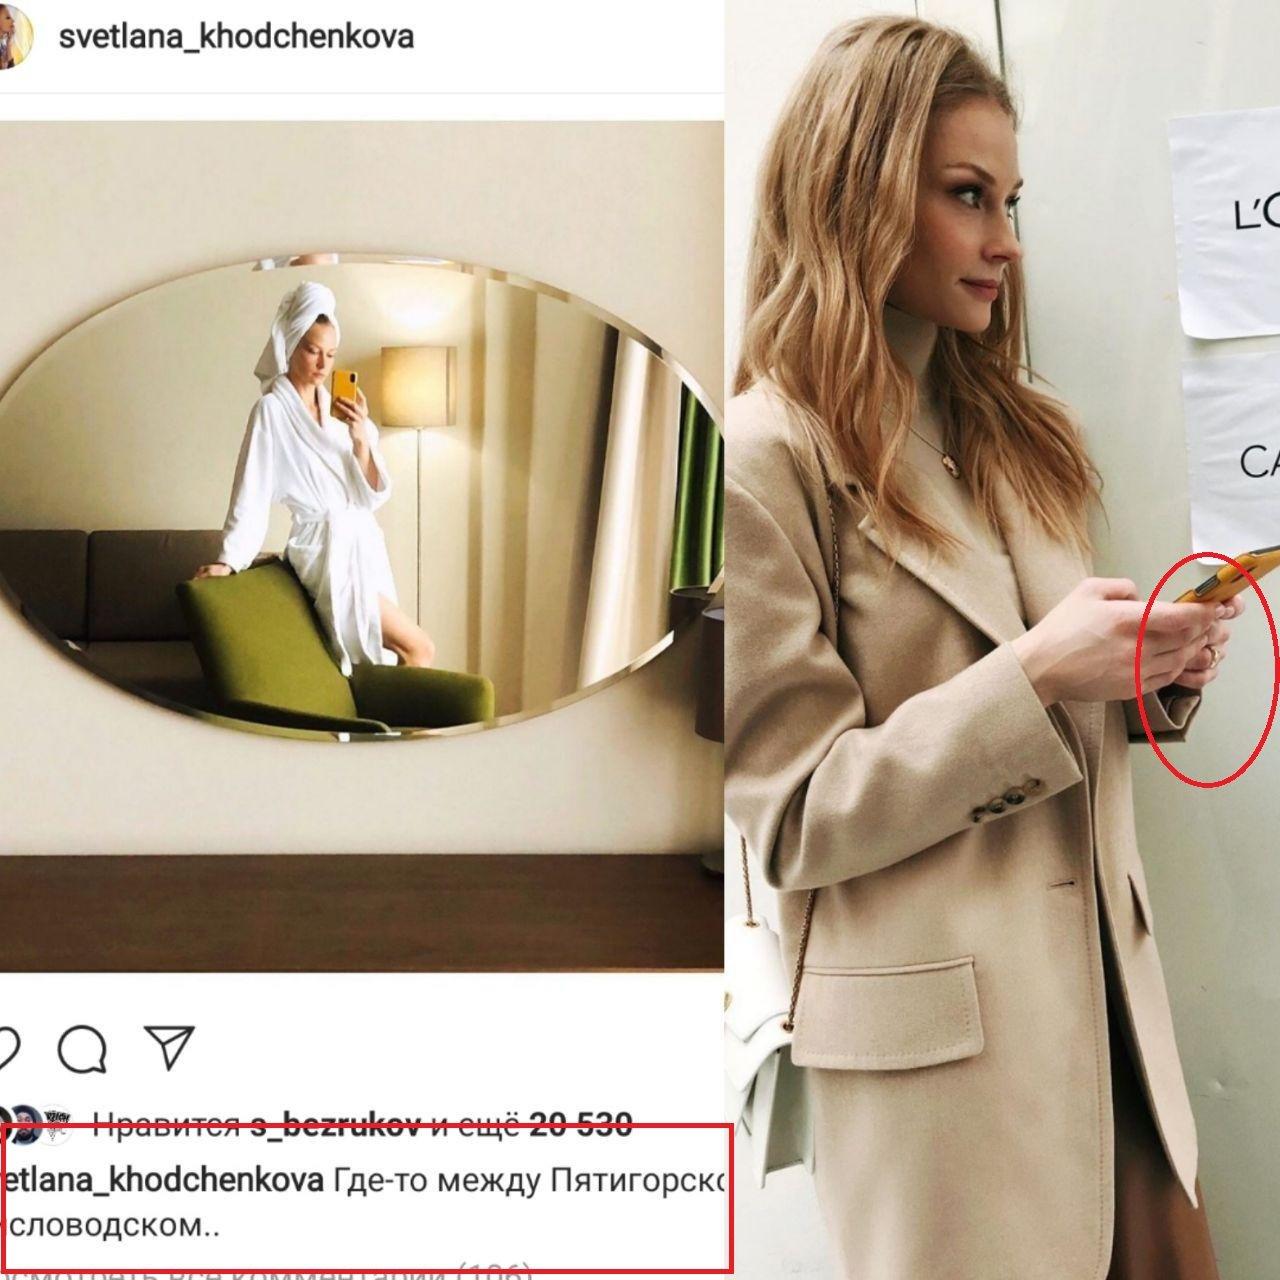 Андрей Григорьев-Апполонов прокомментировал роман Светланы Ходченковой иСемёна Слепакова